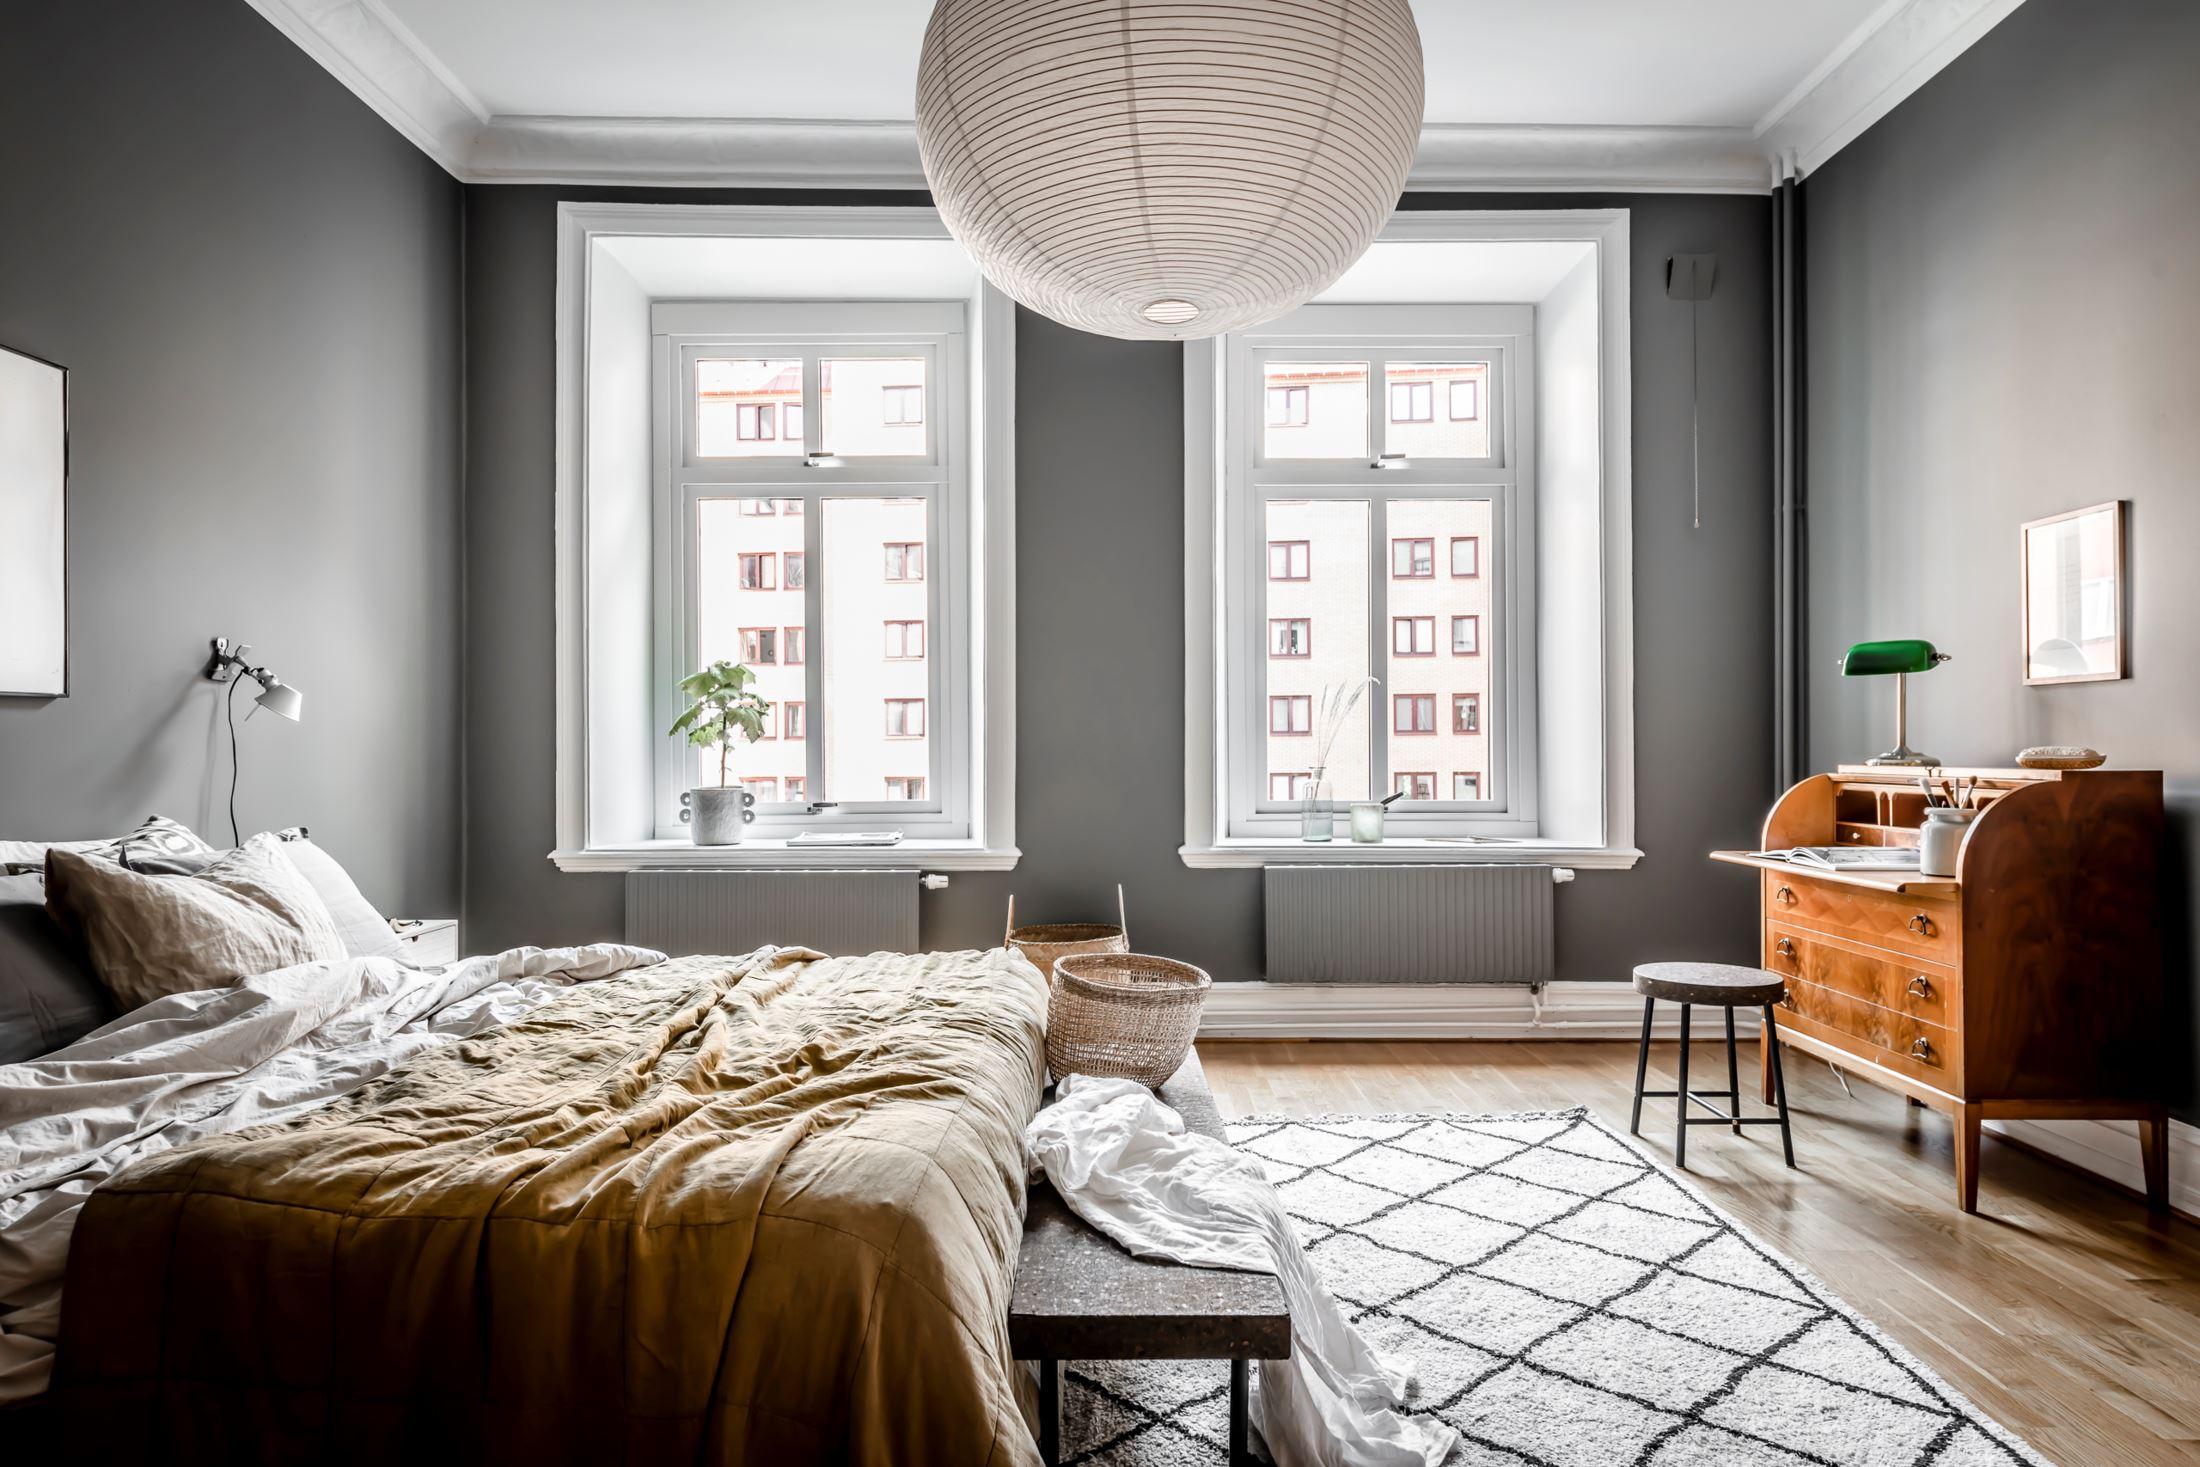 scandinavian feeling cozy bedroom hygge dark 4